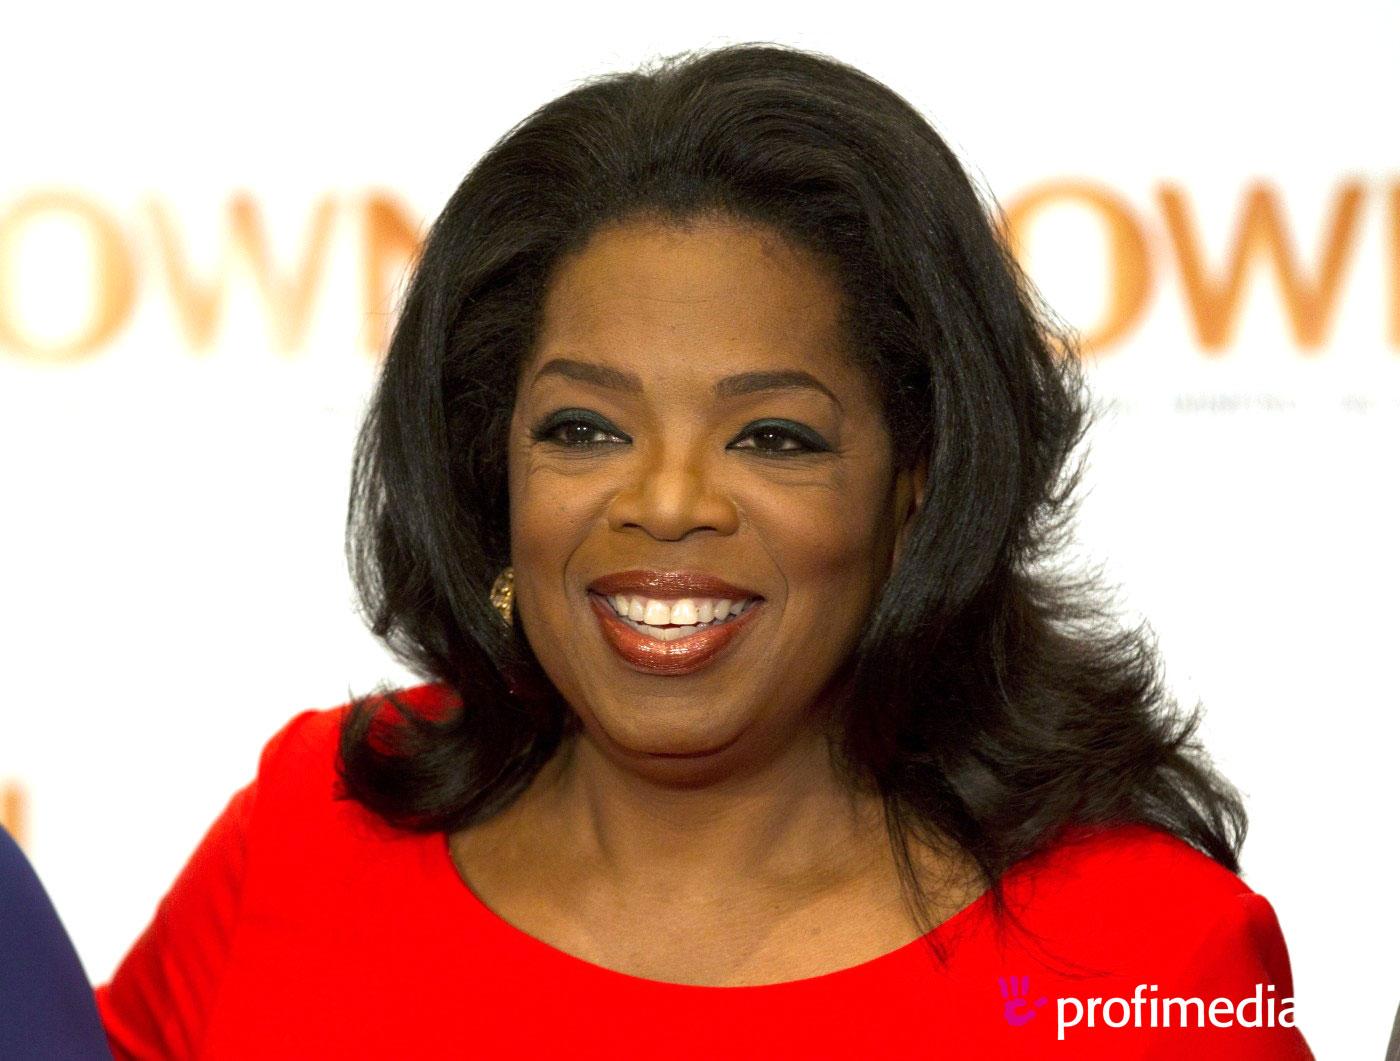 oprah winfrey - - hairstyle - easyhairstyler